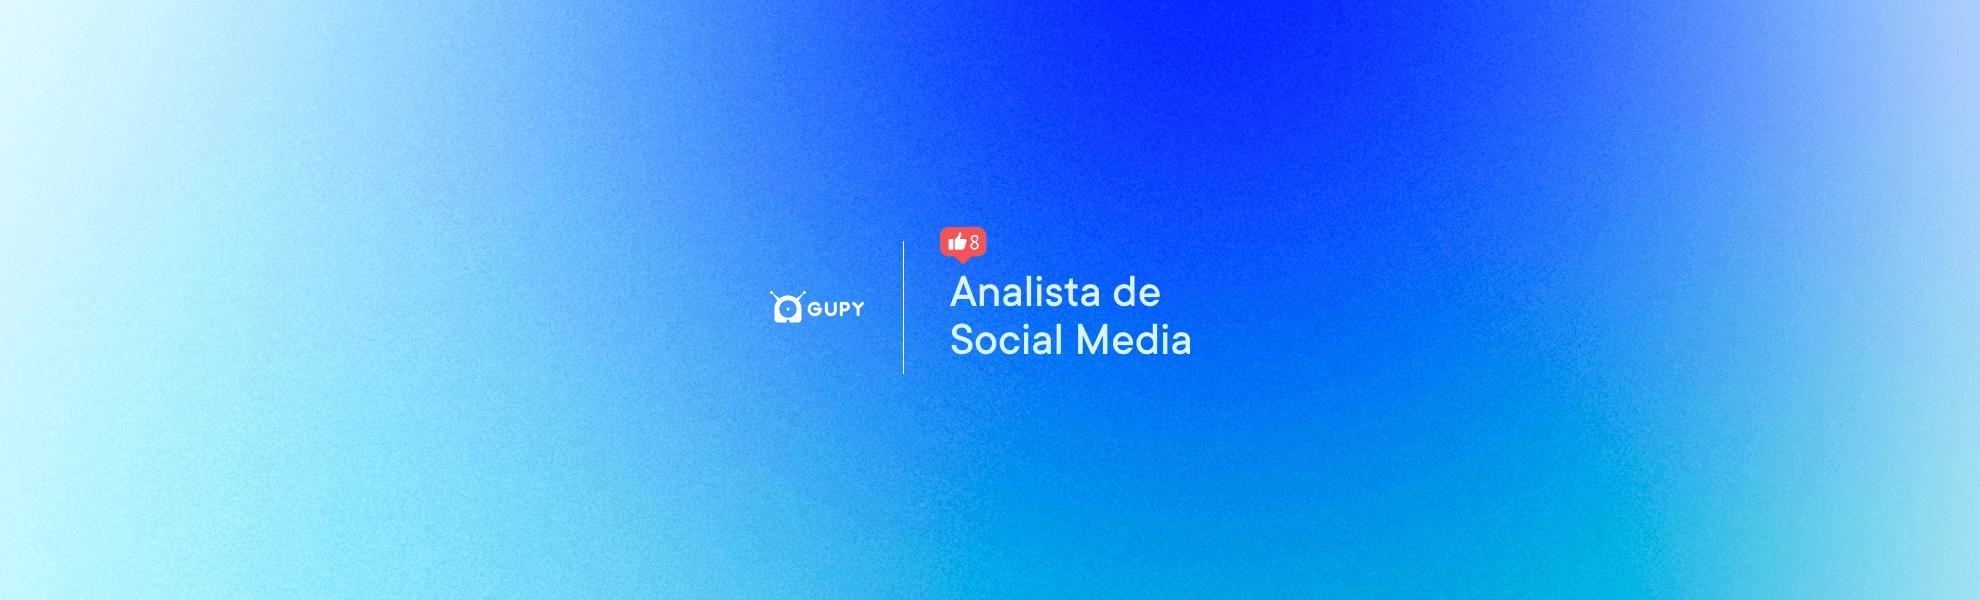 Analista de Social Media